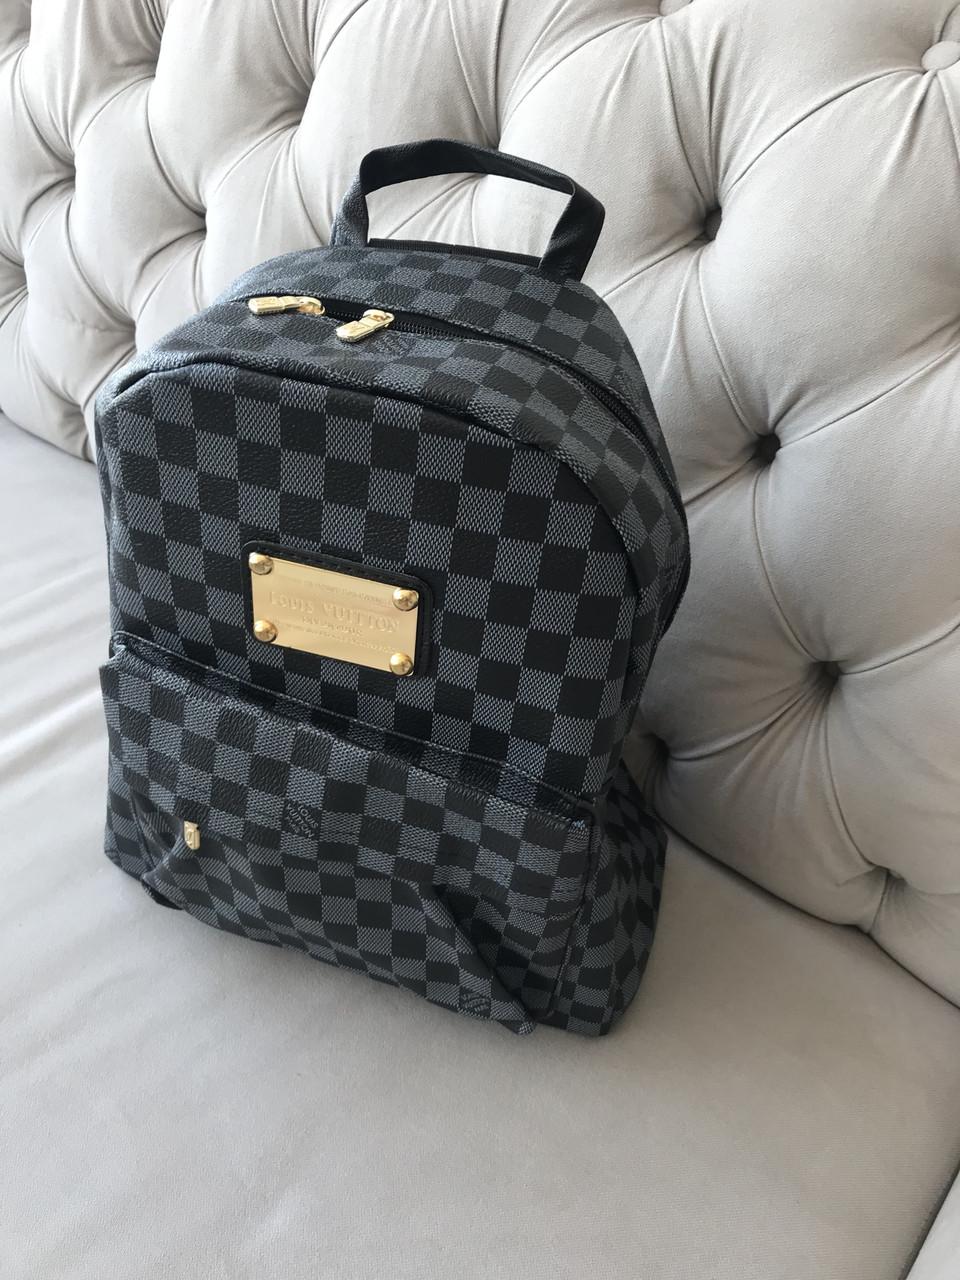 5b4776018eda Ранец портфель Рюкзак LV Louis Vuitton (реплика Луи Витон) Monogram Black -  Планета здоровья